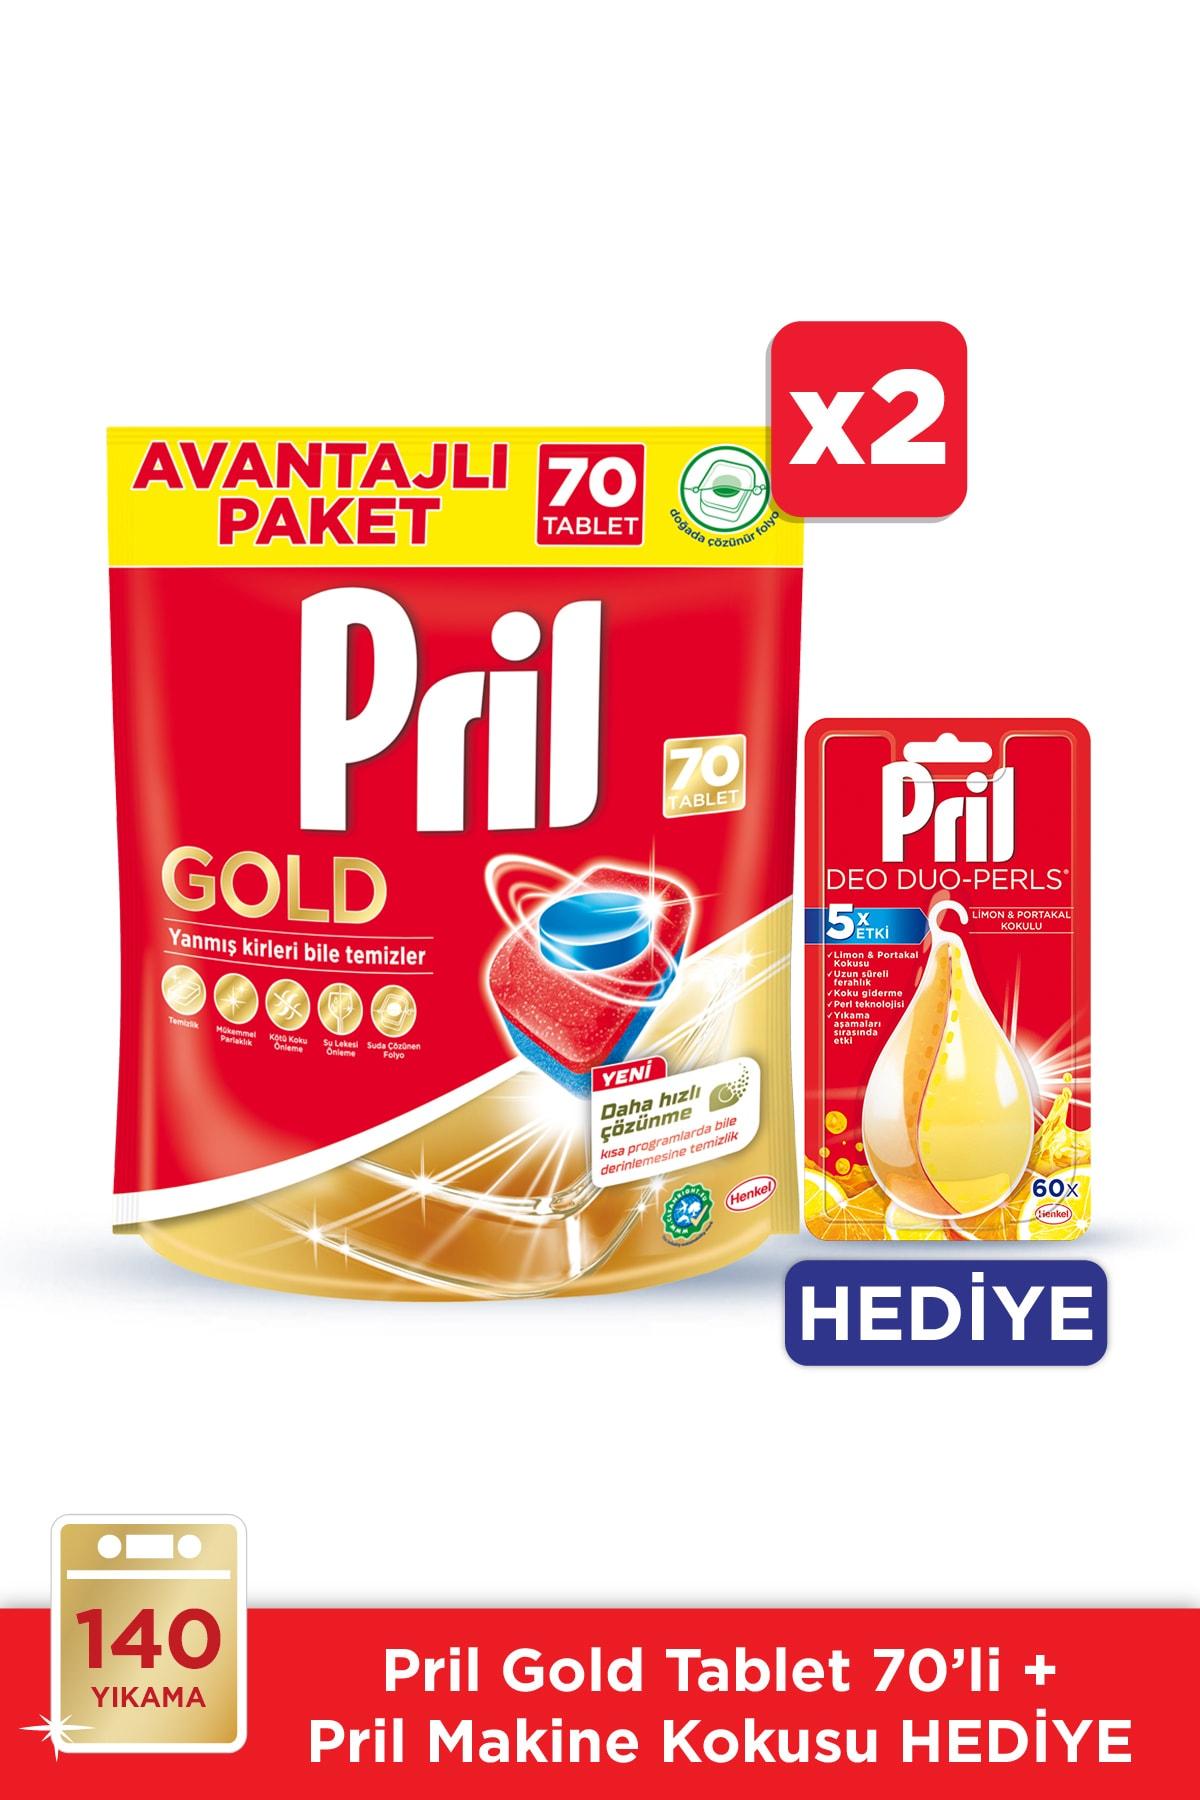 Gold 140 Yıkama Bulaşık Makinesi Deterjanı Tableti (2 x 70'li Paket) + Makine Kokusu Hediye